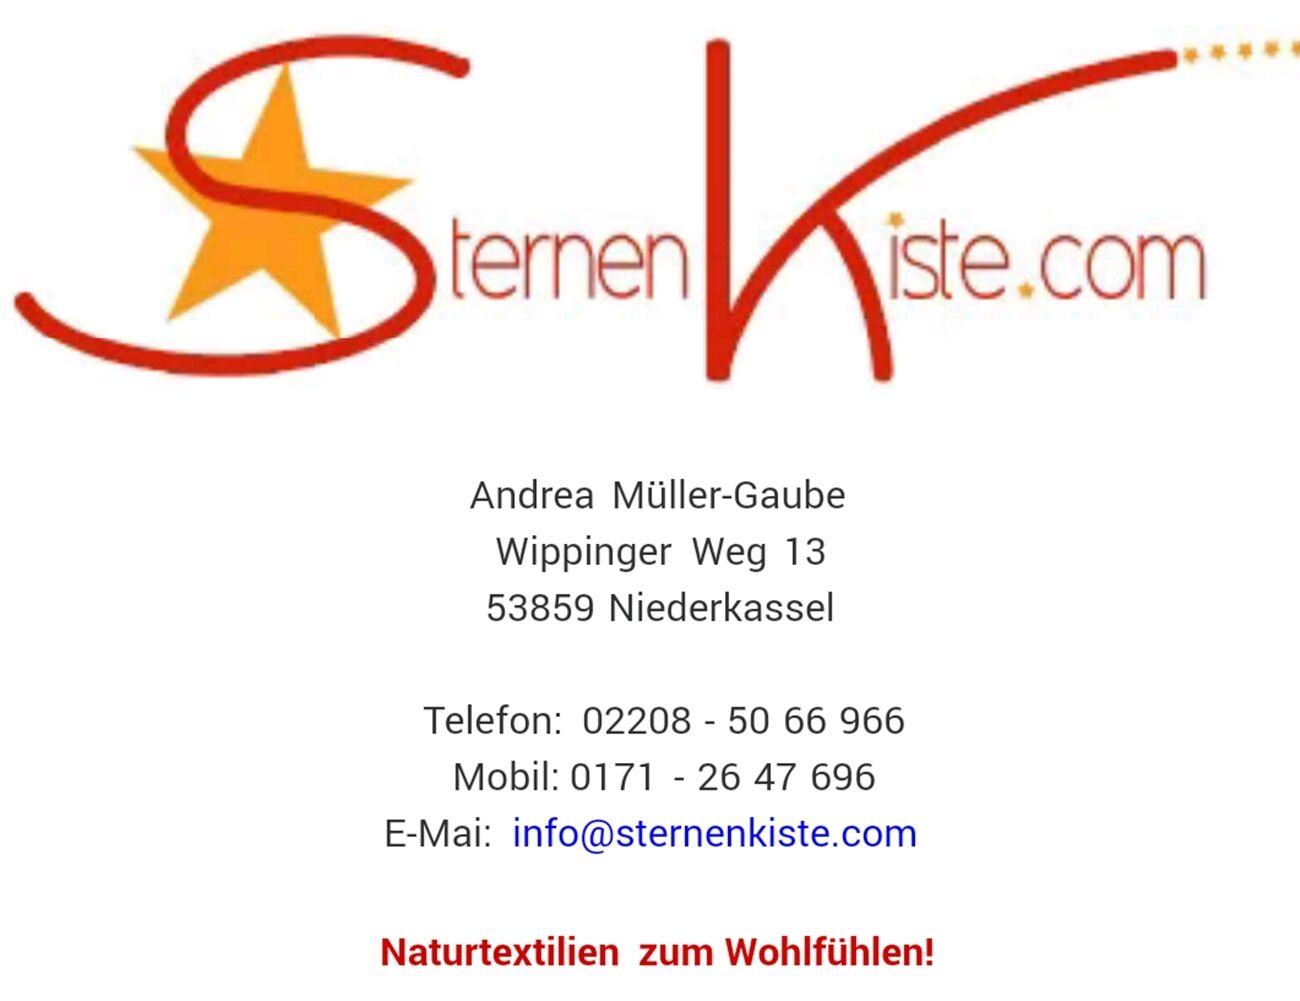 sternen_kiste